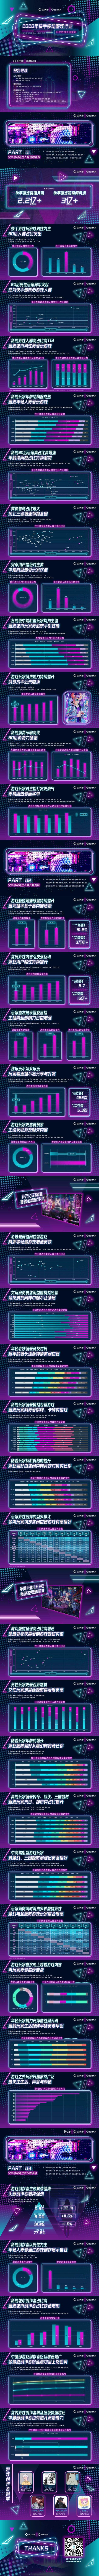 2020年快手移动游戏行业——玩家数据价值报告